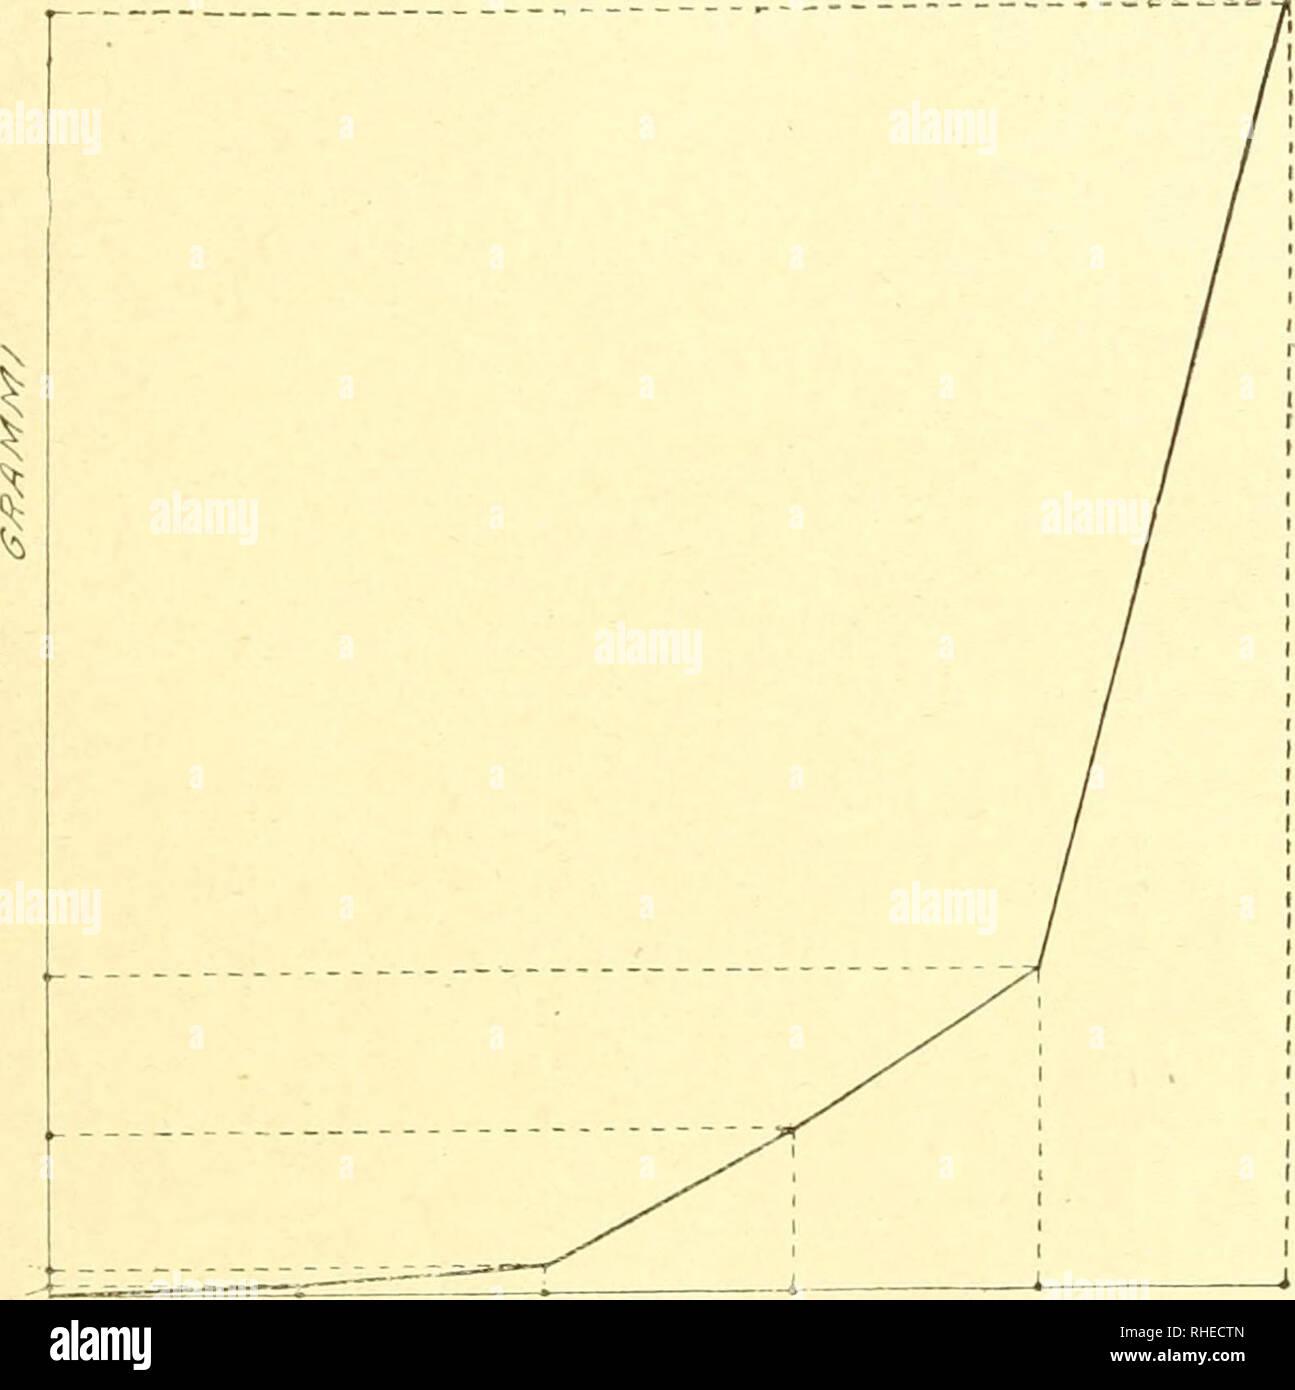 . Bollettino del Laboratorio di zoologia generale e agraria della R. Scuola superiore d'agricoltura in Portici. Zoology; Zoology, Economic; Entomology. 61 - curve simili sono state tracciate per lo sviluppo di pesci e mam- miferi, interpreta questa curva come traduzione dell' intossica- riori â egli aggiunge io non conosco documenti; ma sono 0,0 5 0,007. 0.00056 ETA A c2Â« S/0.9Af/ Fig. I. Curva di sviluppo del baco (secondo i dati del Ciccone). (.Sulle ascisse la durata delle età in giorni, considerata uguale per tutte, sulle ordinate il peso iniziale delle età iu granimi). convinto che 1' ac Stock Photo